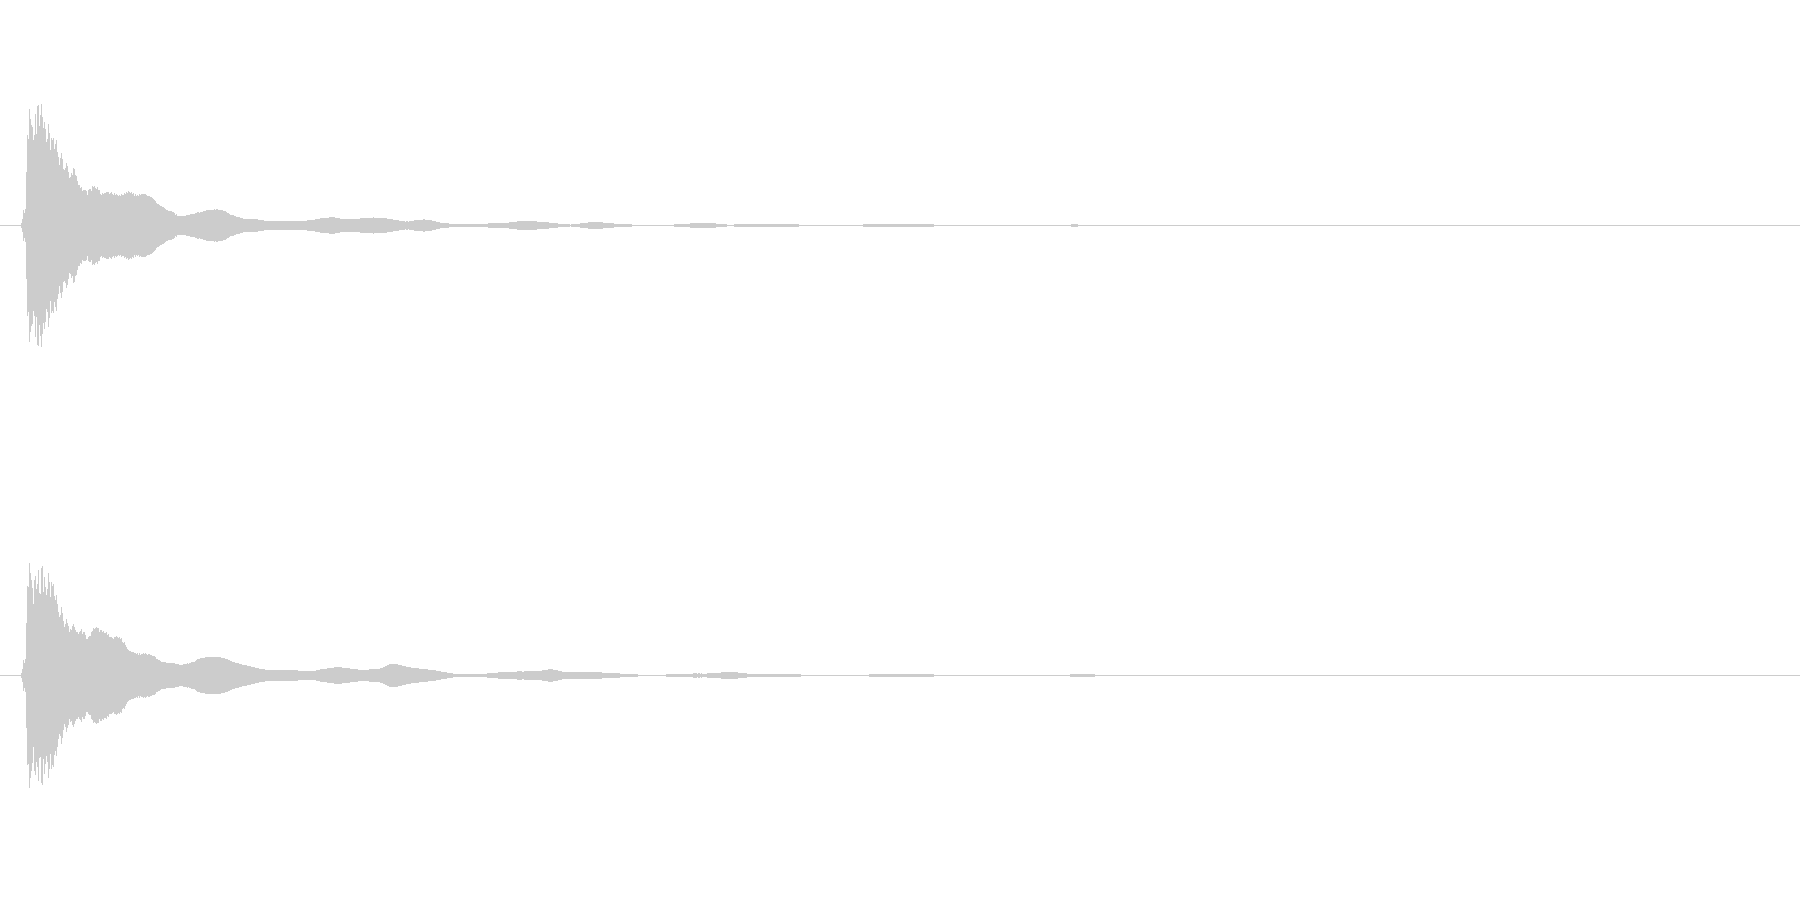 キラキラ系_111の未再生の波形